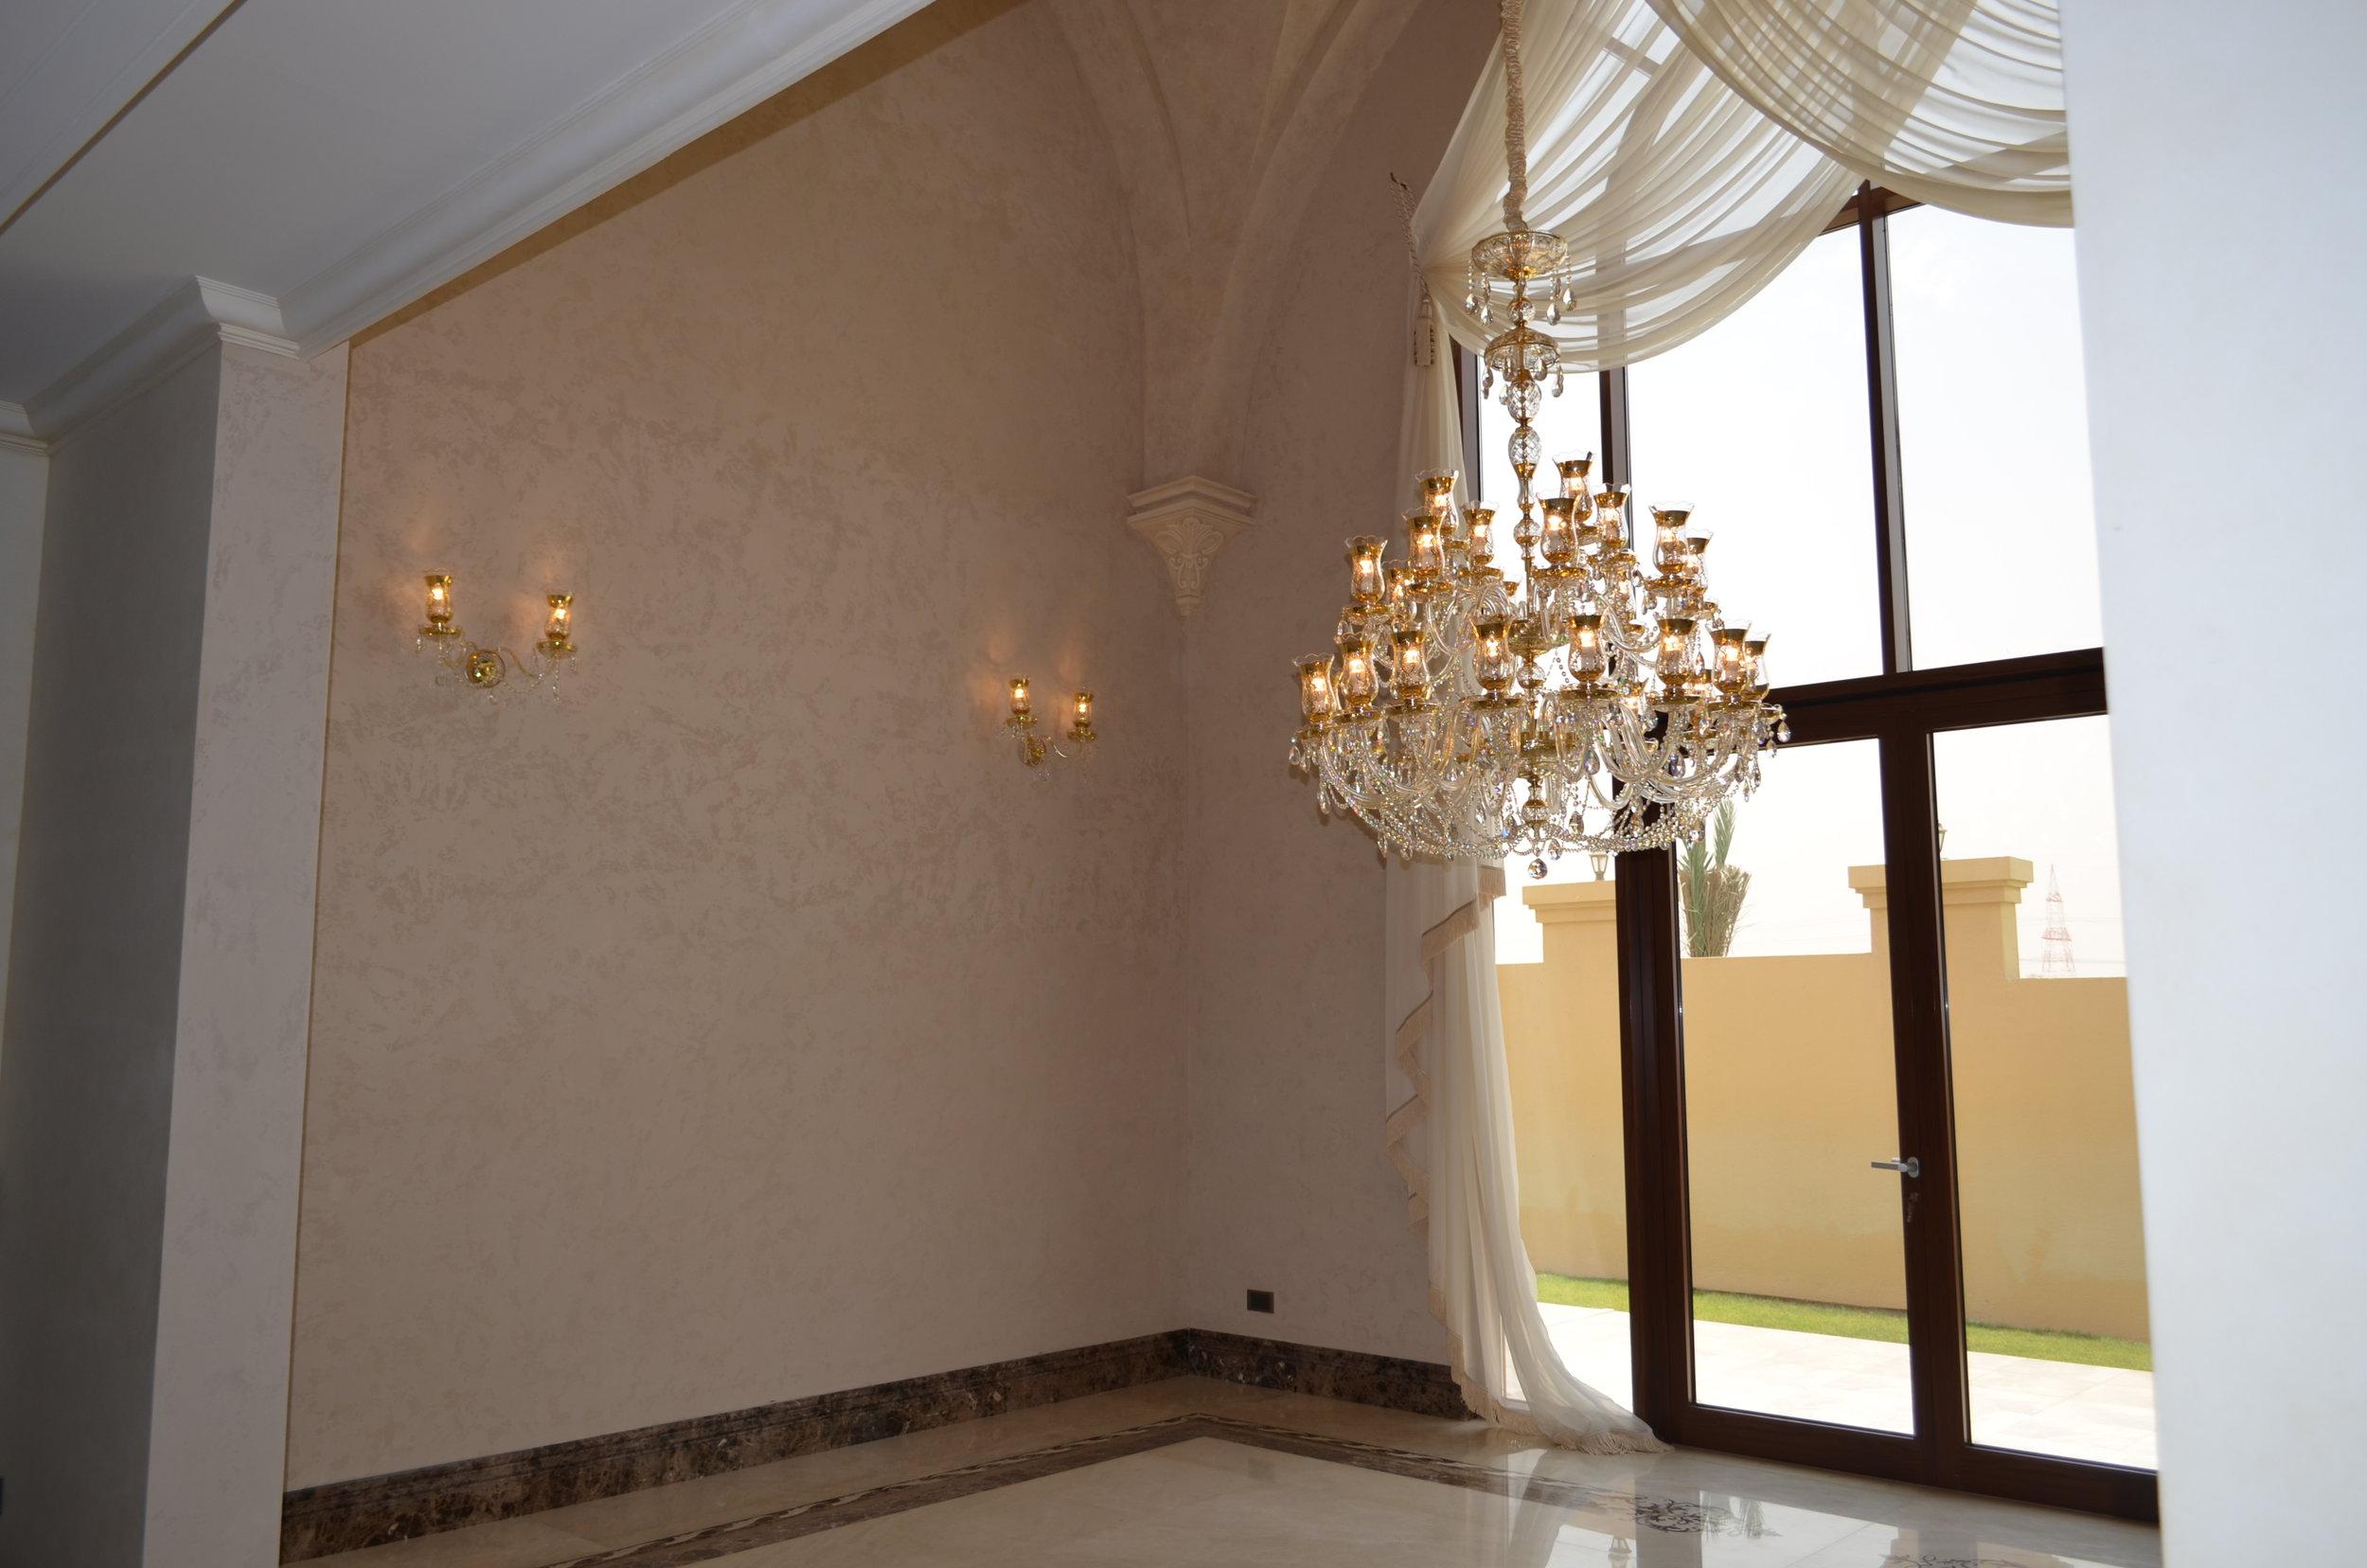 Wranovsky-Dubai-Dining-2.JPG